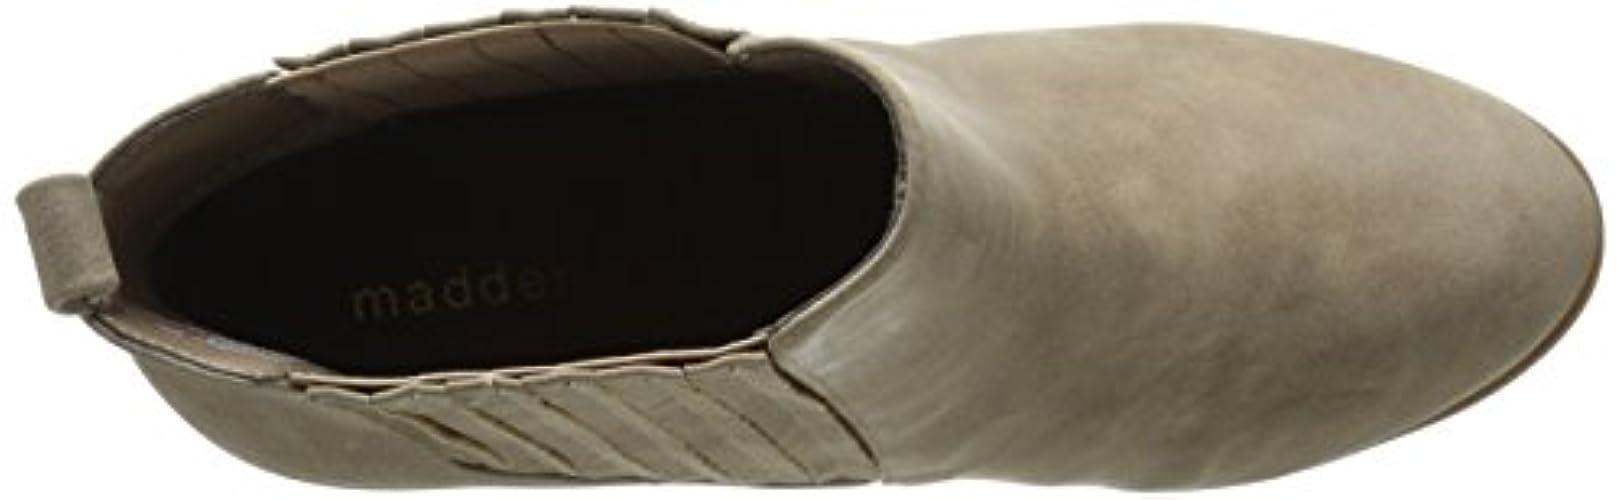 Dominicc Dominicc Naisten Tyttö Naisten Boot Naisten Tyttö Dominicc Madden Boot Madden Madden Tyttö Boot qaxat7RHw